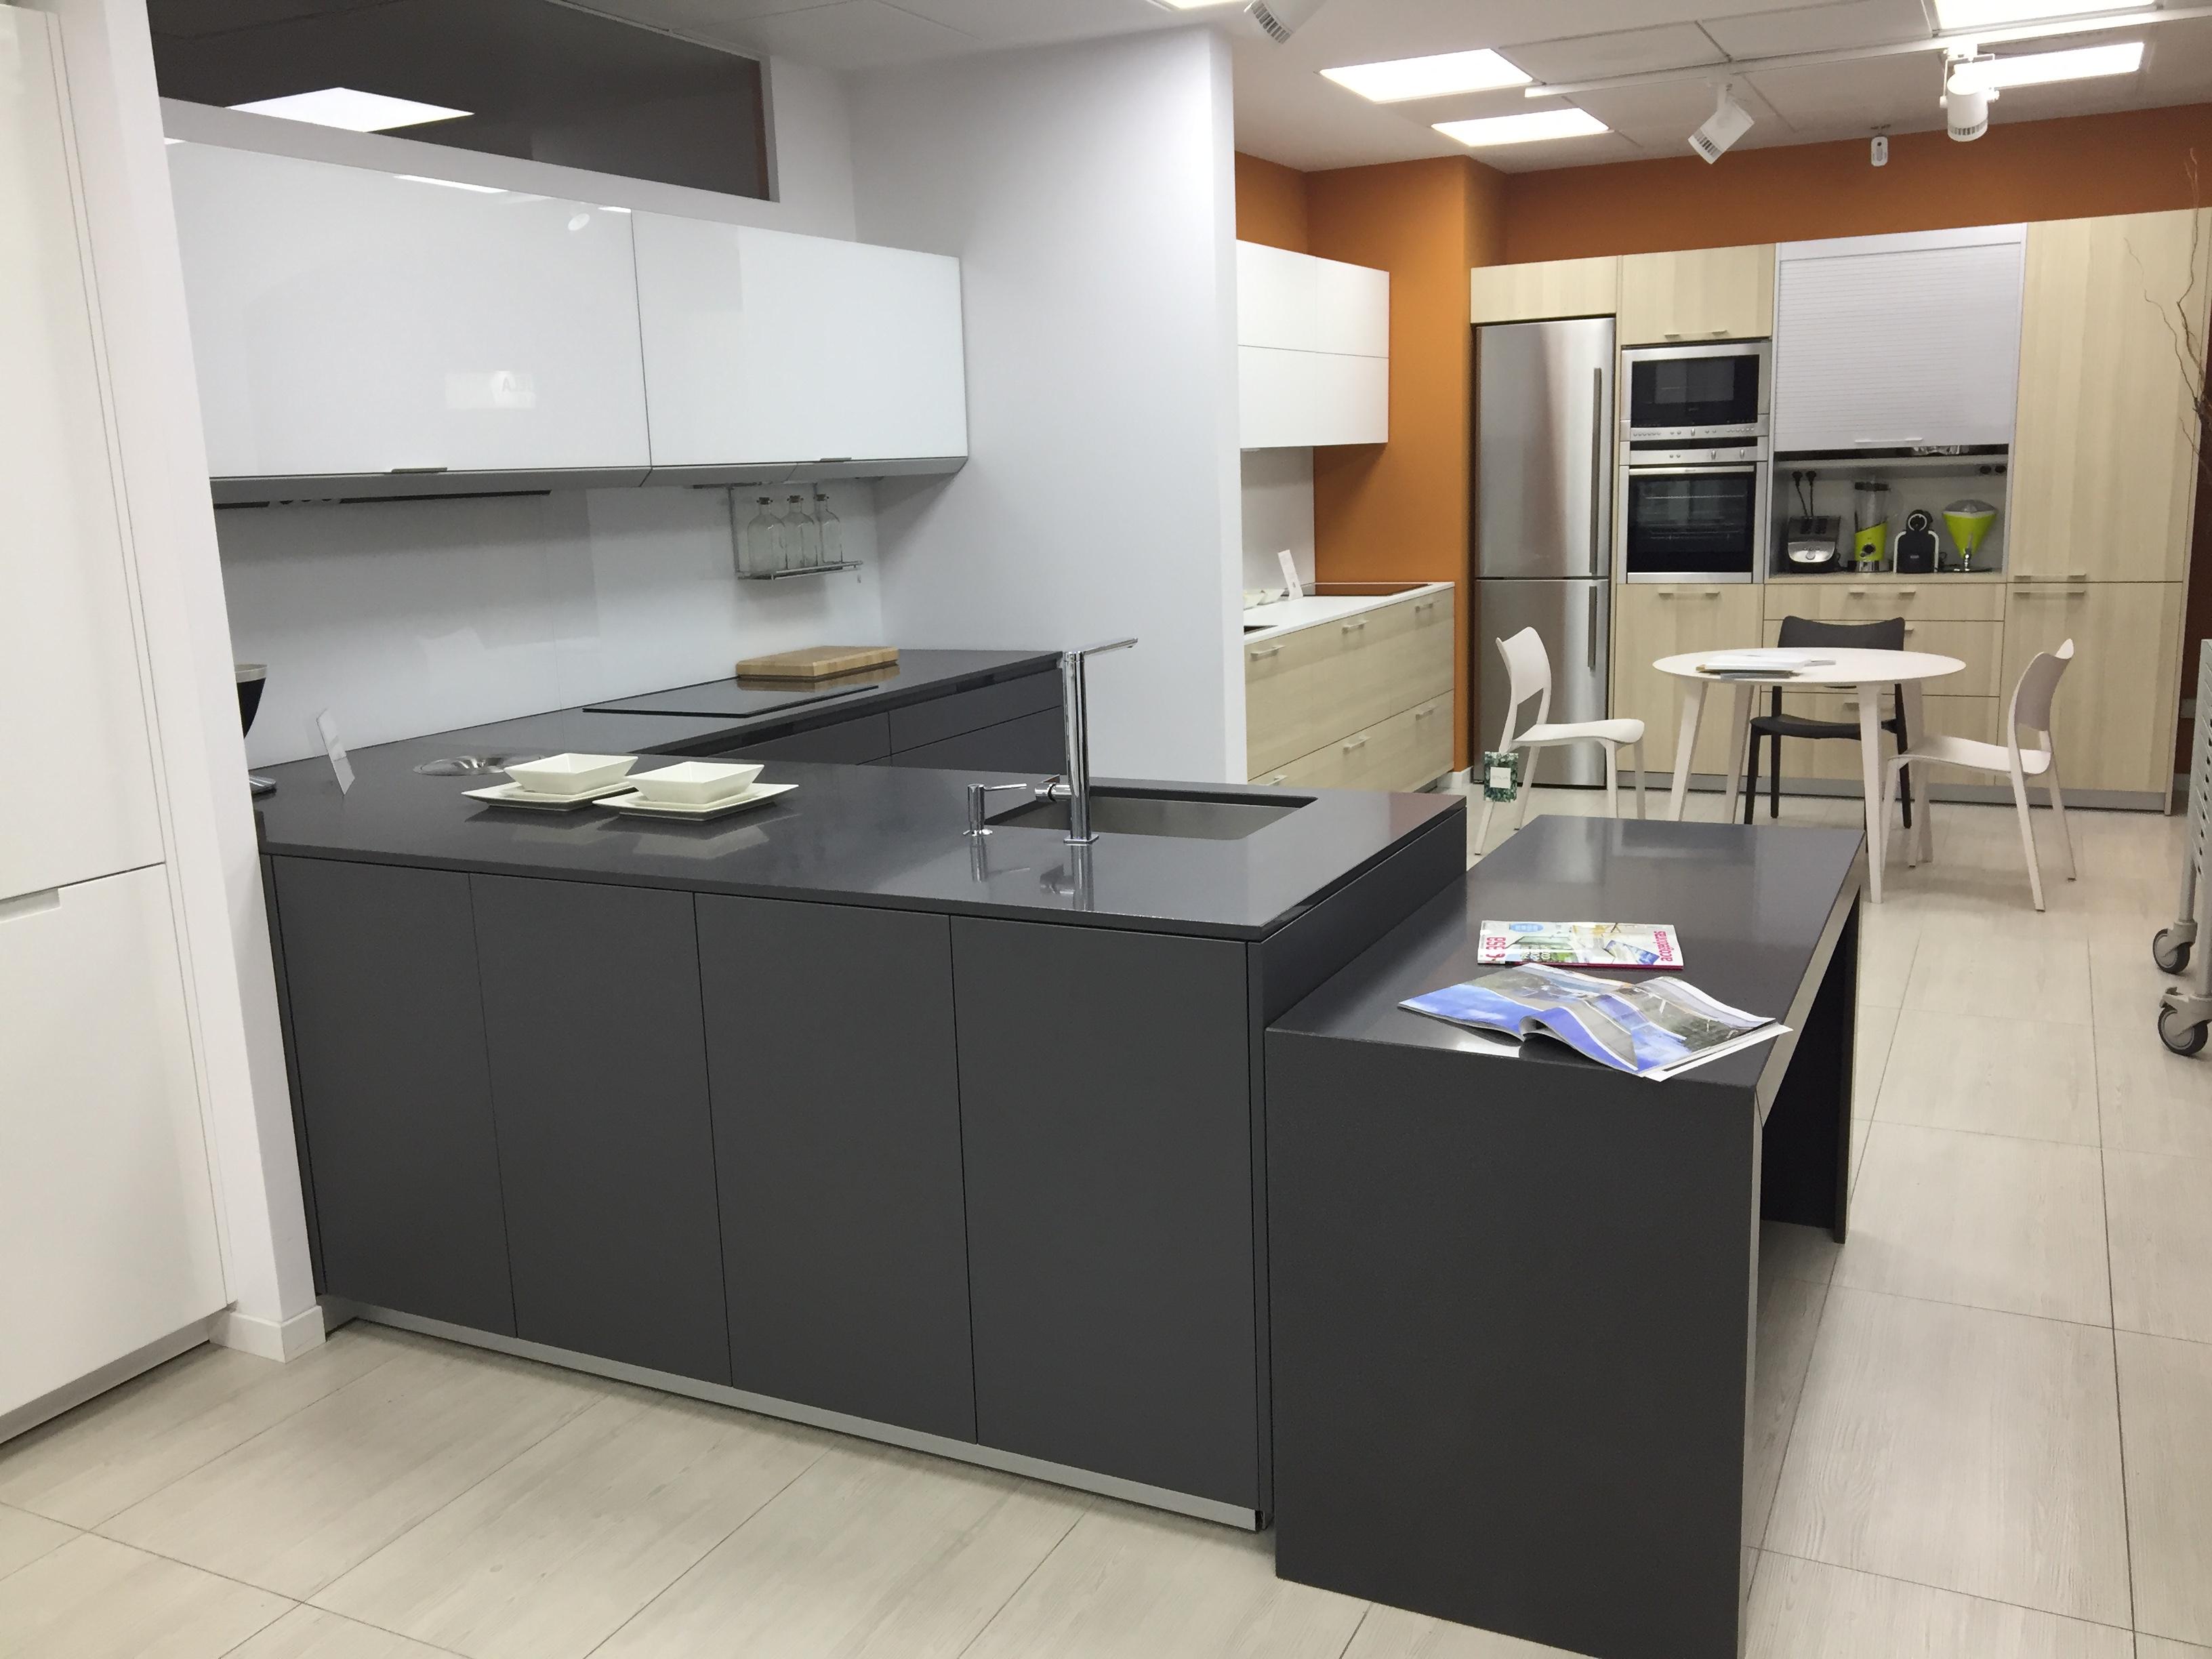 Cocinas exposicion intra santos muebles de cocina for Exposicion de muebles de cocina